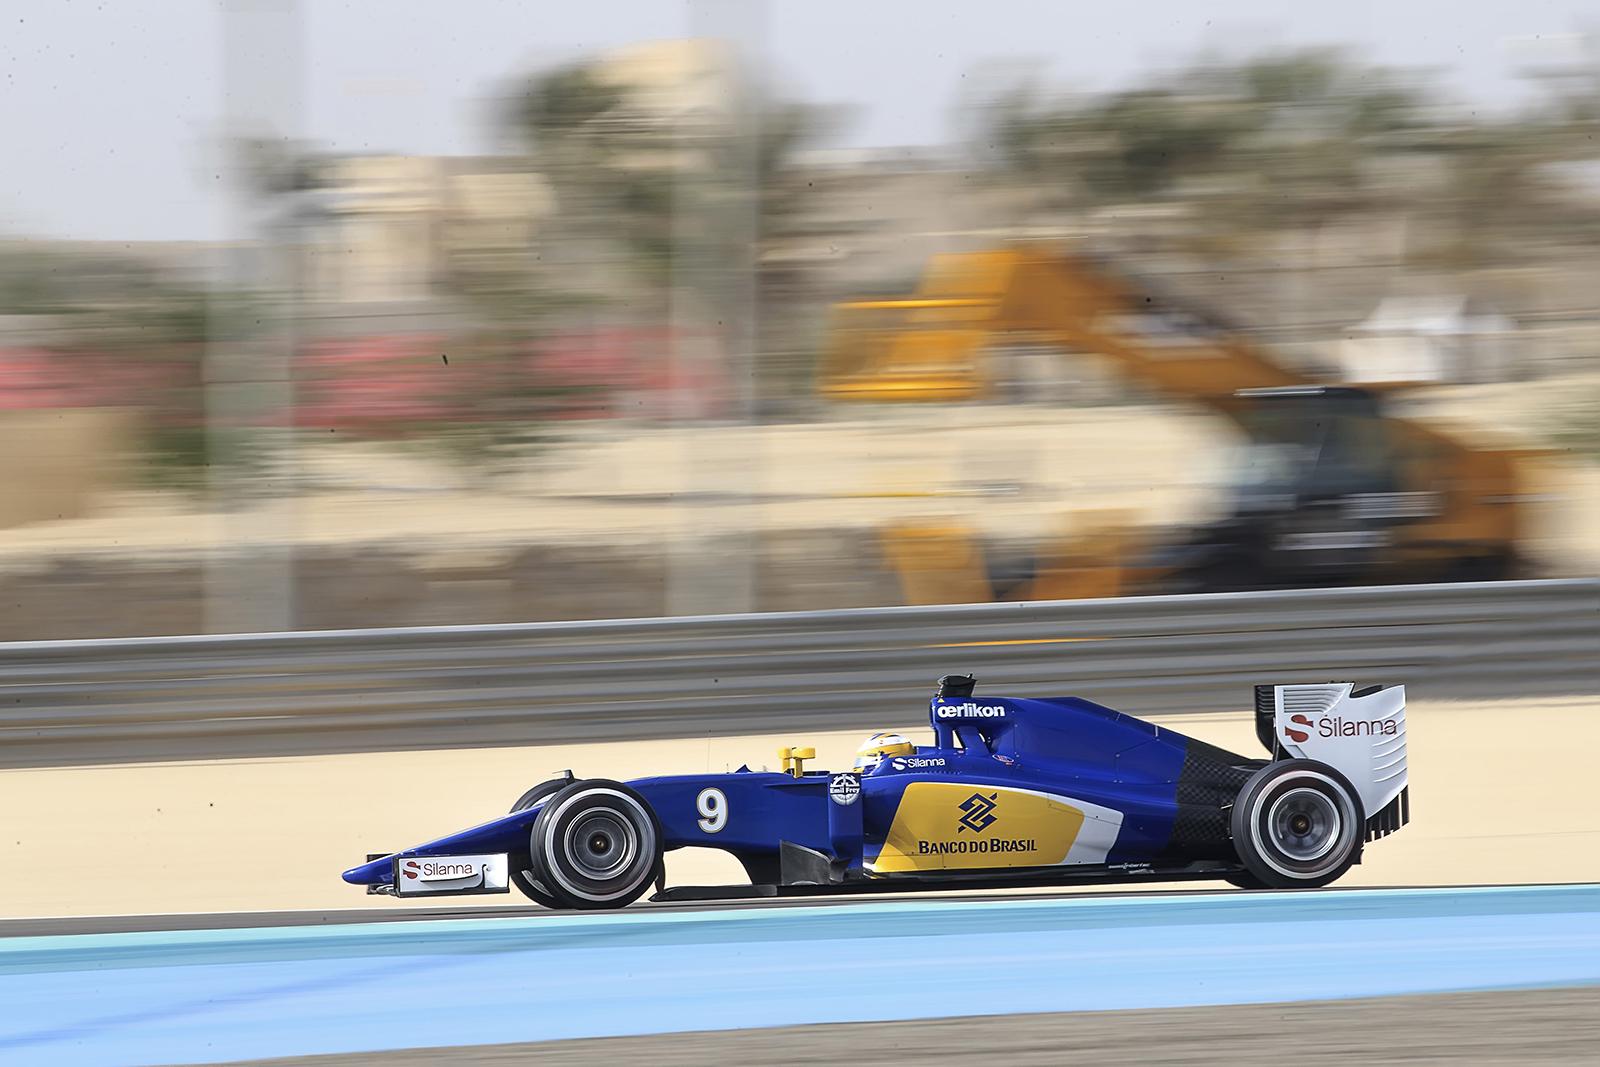 Marcus Ericsson, SAUBER Team